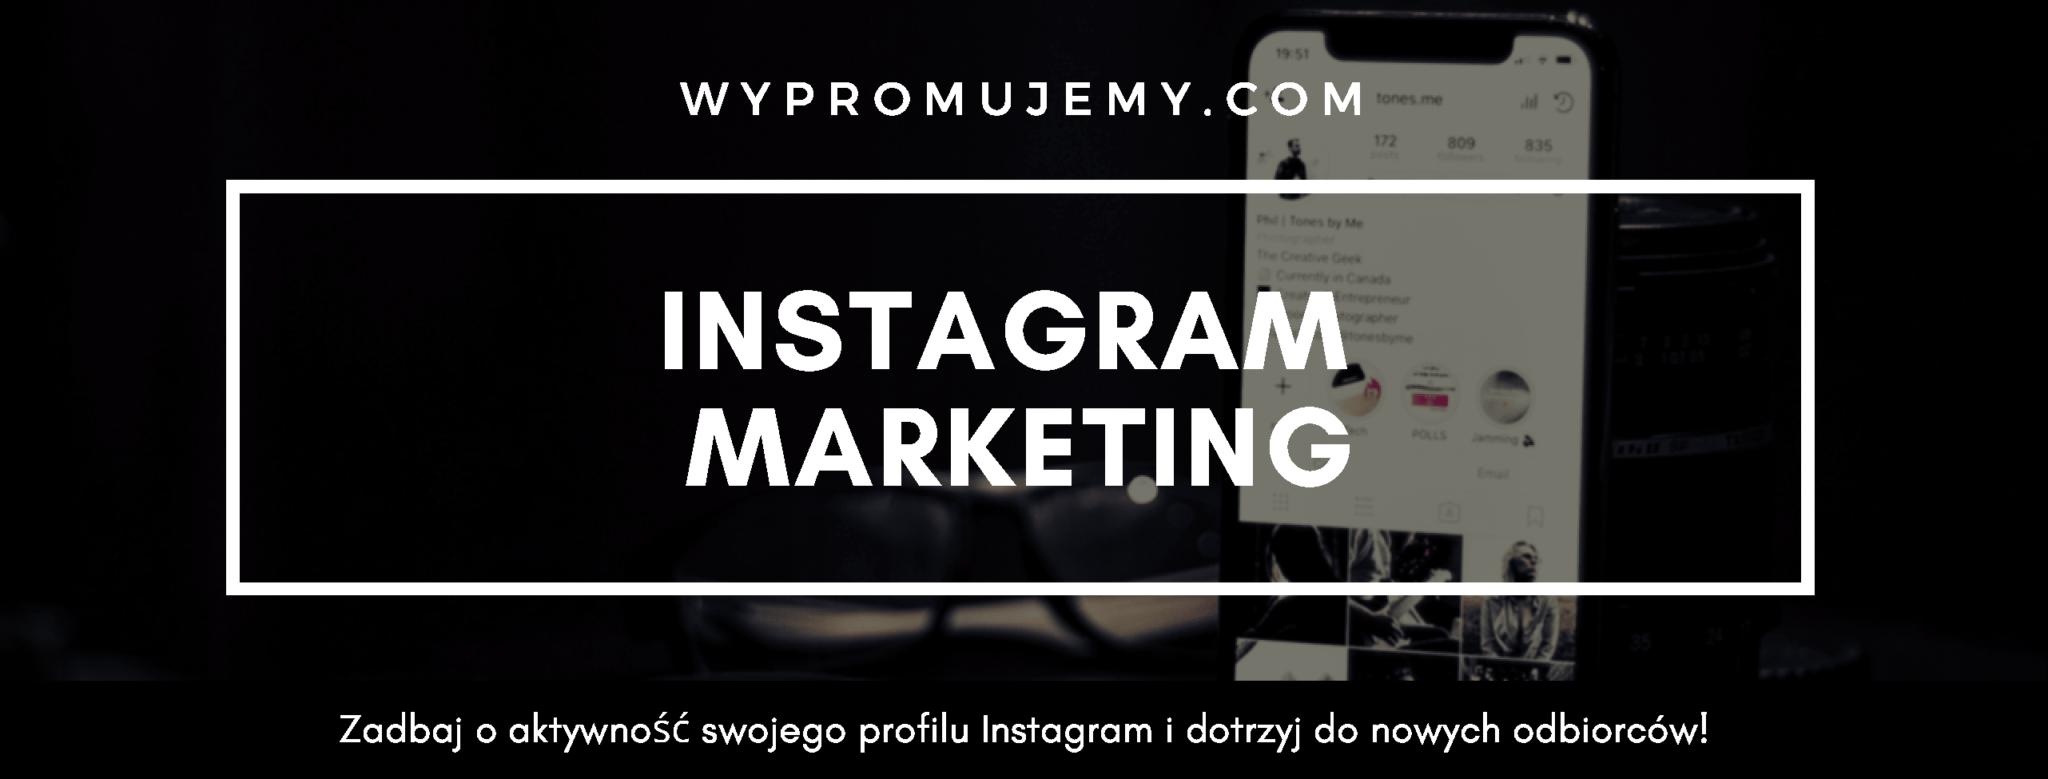 wypromujemy.com-instagram-marketing